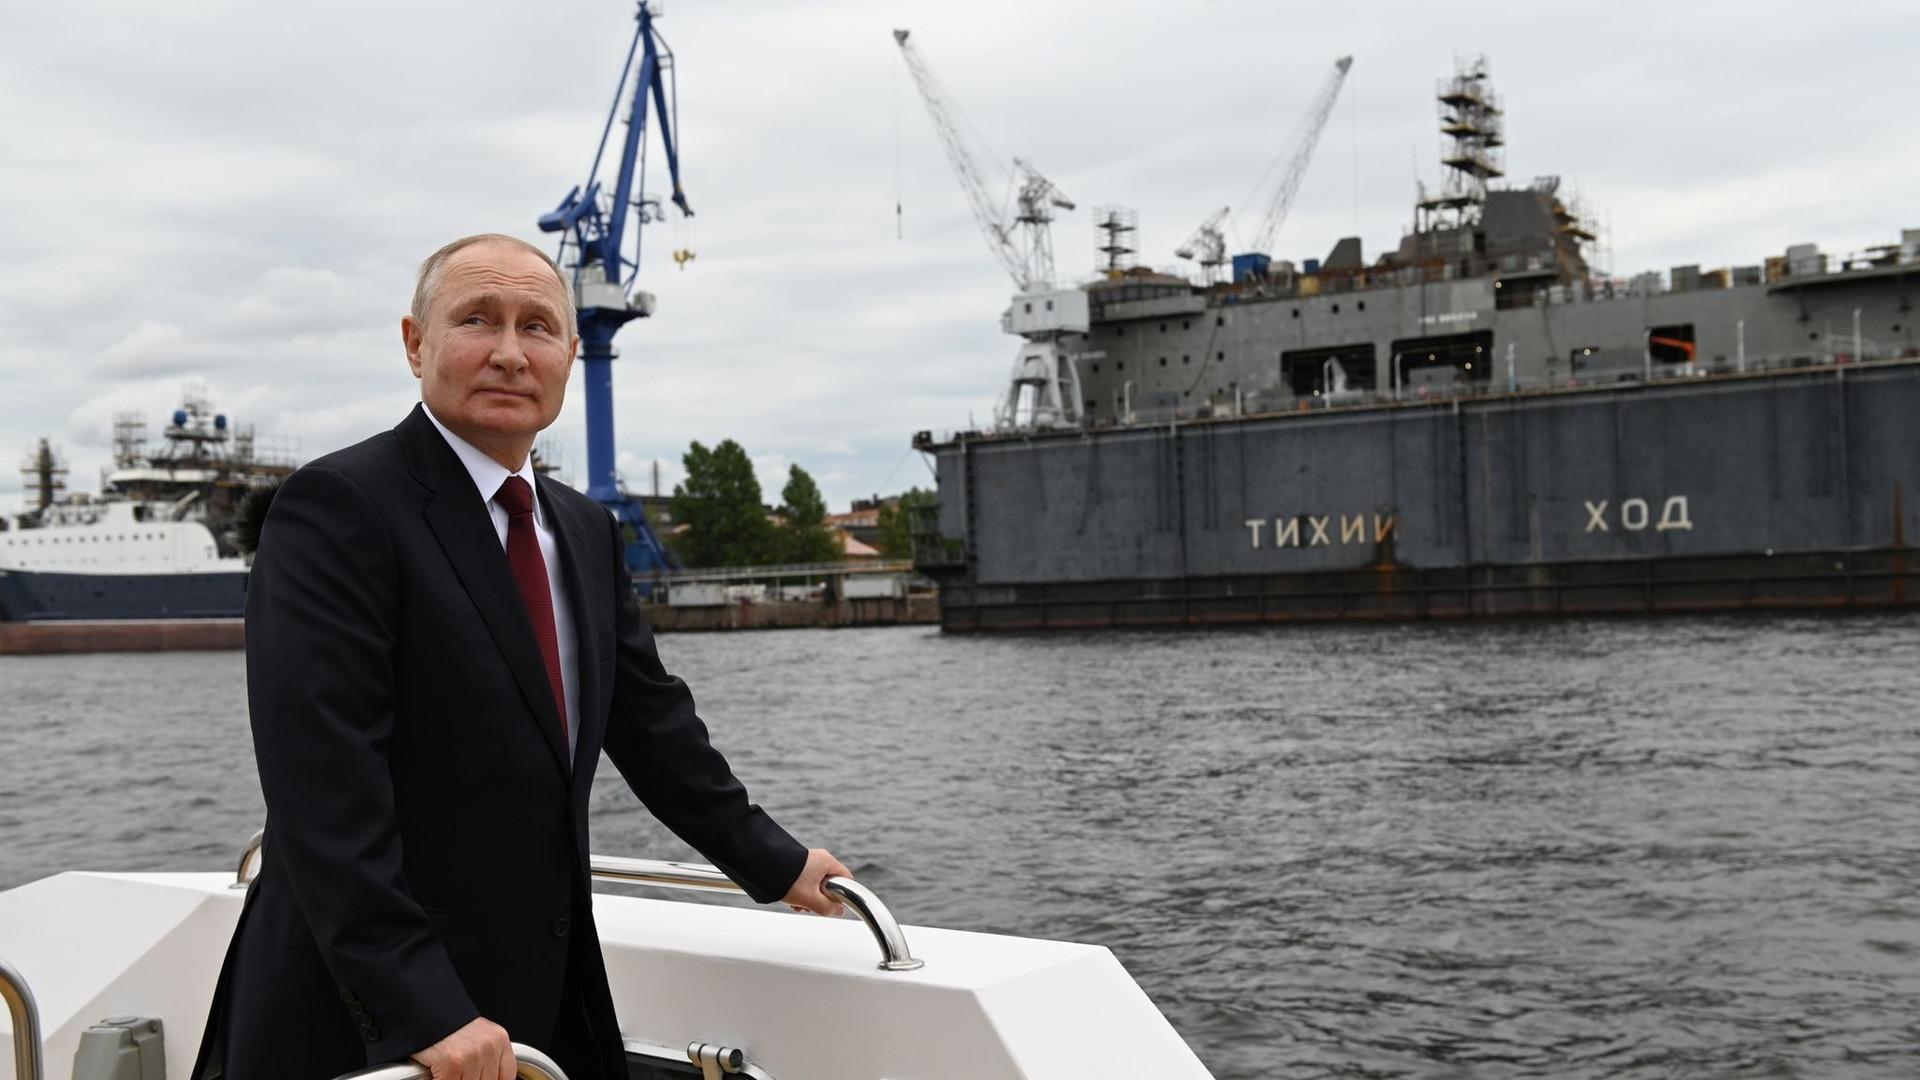 Tổng thống Nga Vladimir Putin tại buổi duyệt binh kỷ niệm 325 năm ngày thành lập Hải quân Nga. (Nguồn: TASS)